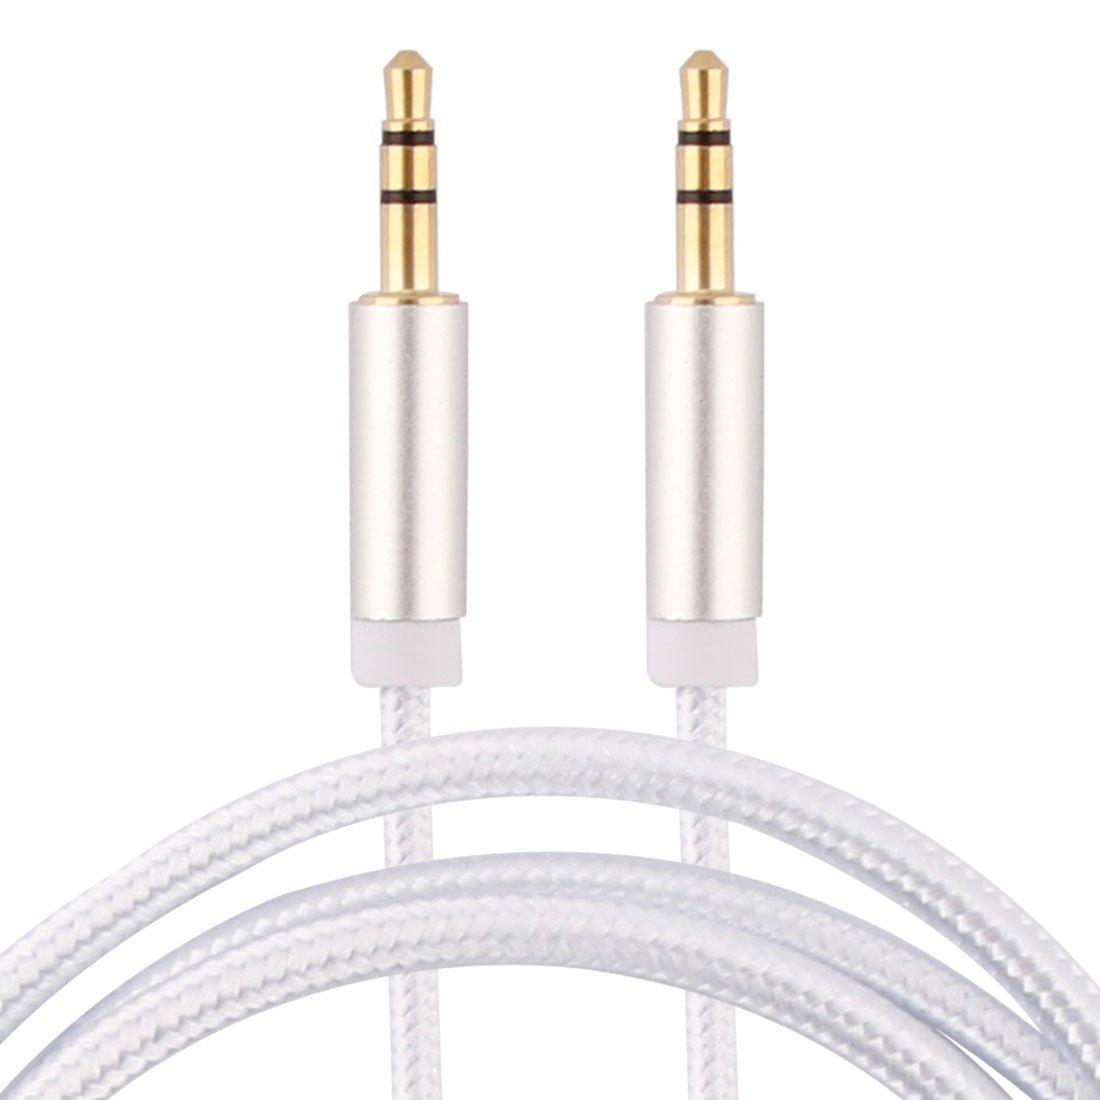 Amazon.com: eDealMax Nylon PC del ordenador Principal al aire Libre MP3 Player teléfono inteligente DE 3,5 mm Macho a Macho Dorado Cable de Audio Cable Hilo ...